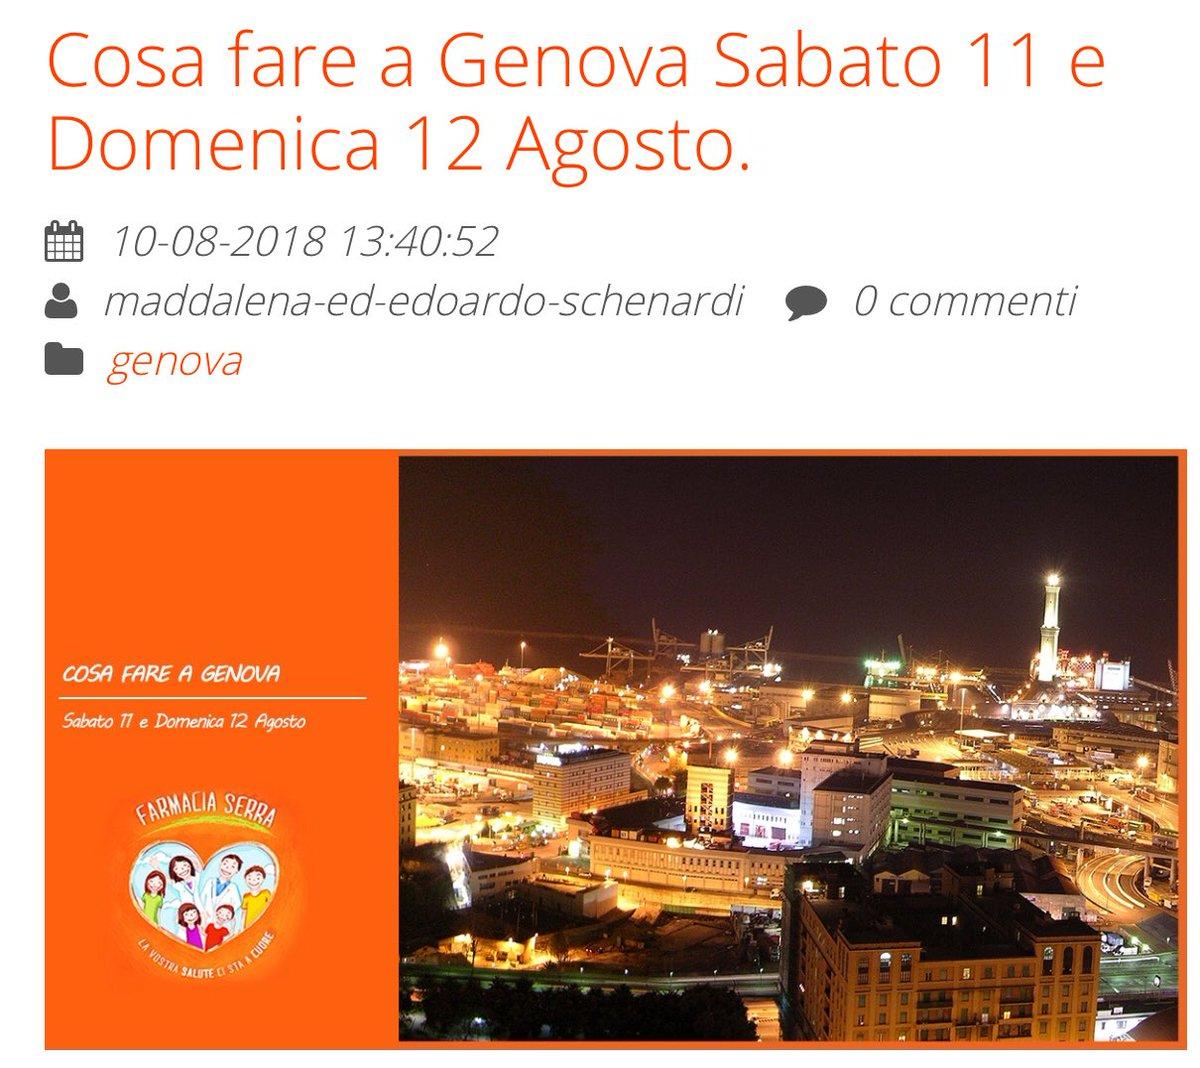 Non sapete cosa fare oggi #12agosto ? Ecco  cosa vi offre di bello Genova in questo weekend http://farmaciaserragenova.it/blog/2018/08/c… #veniteagenova #SanLorenzo2018 #cosebelleagenova #genovamorethenthis  - Ukustom